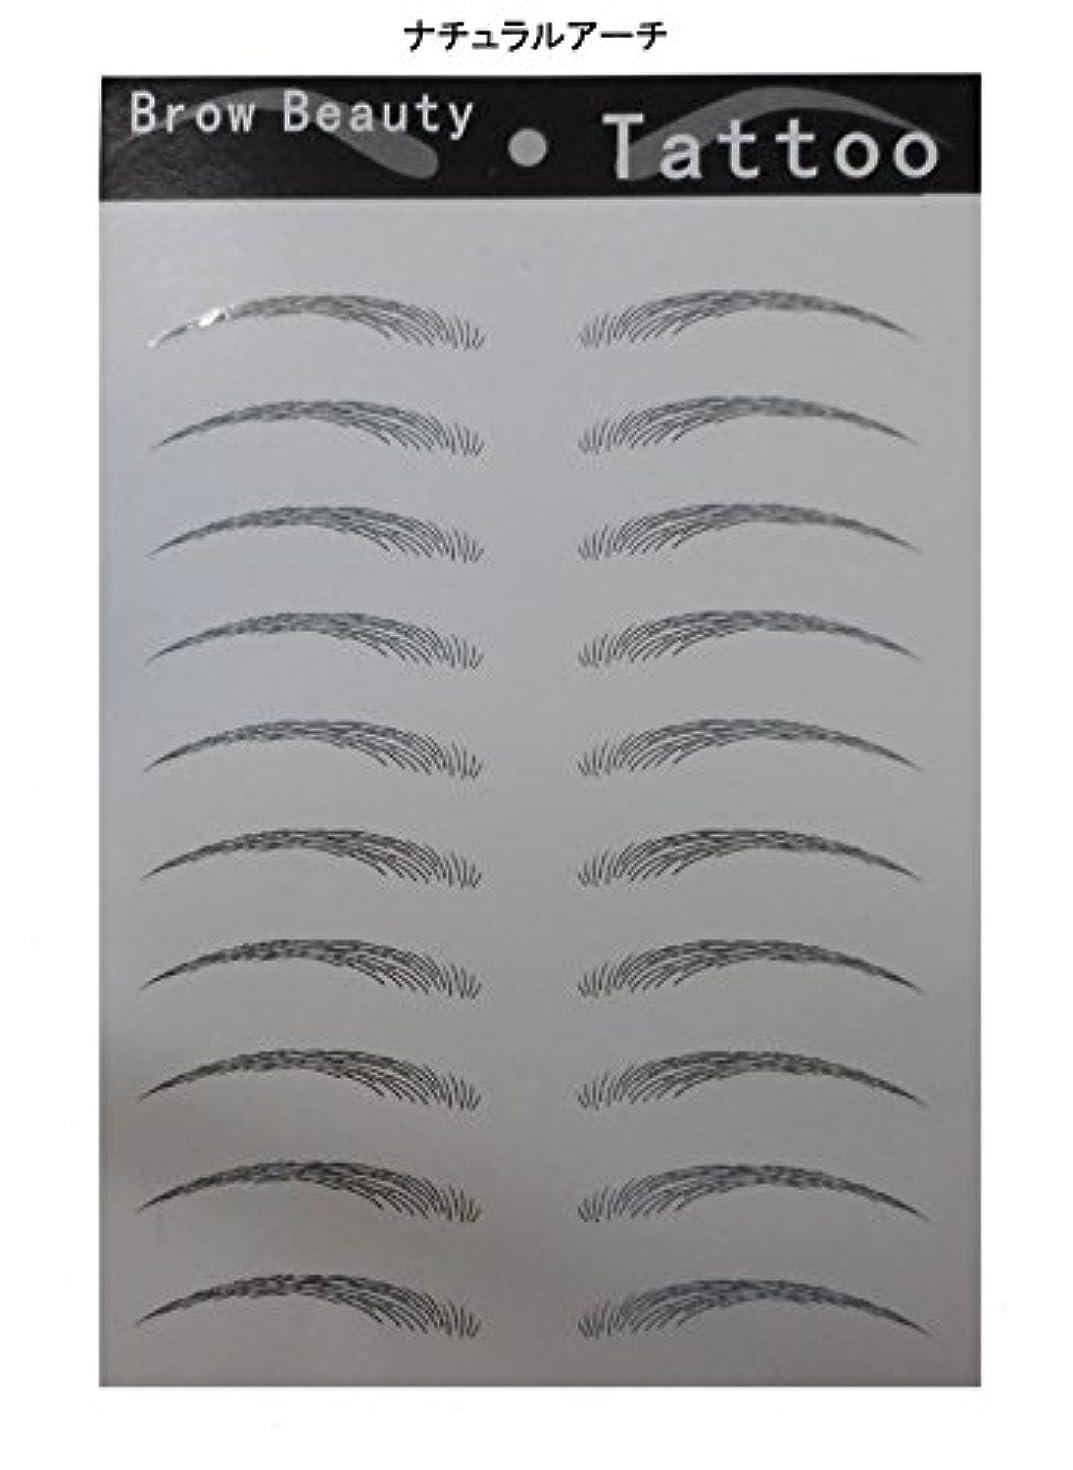 注入する横確かに眉 シール (プチ アートメイク) 眉毛シール 4タイプ (ナチュラルアーチ)